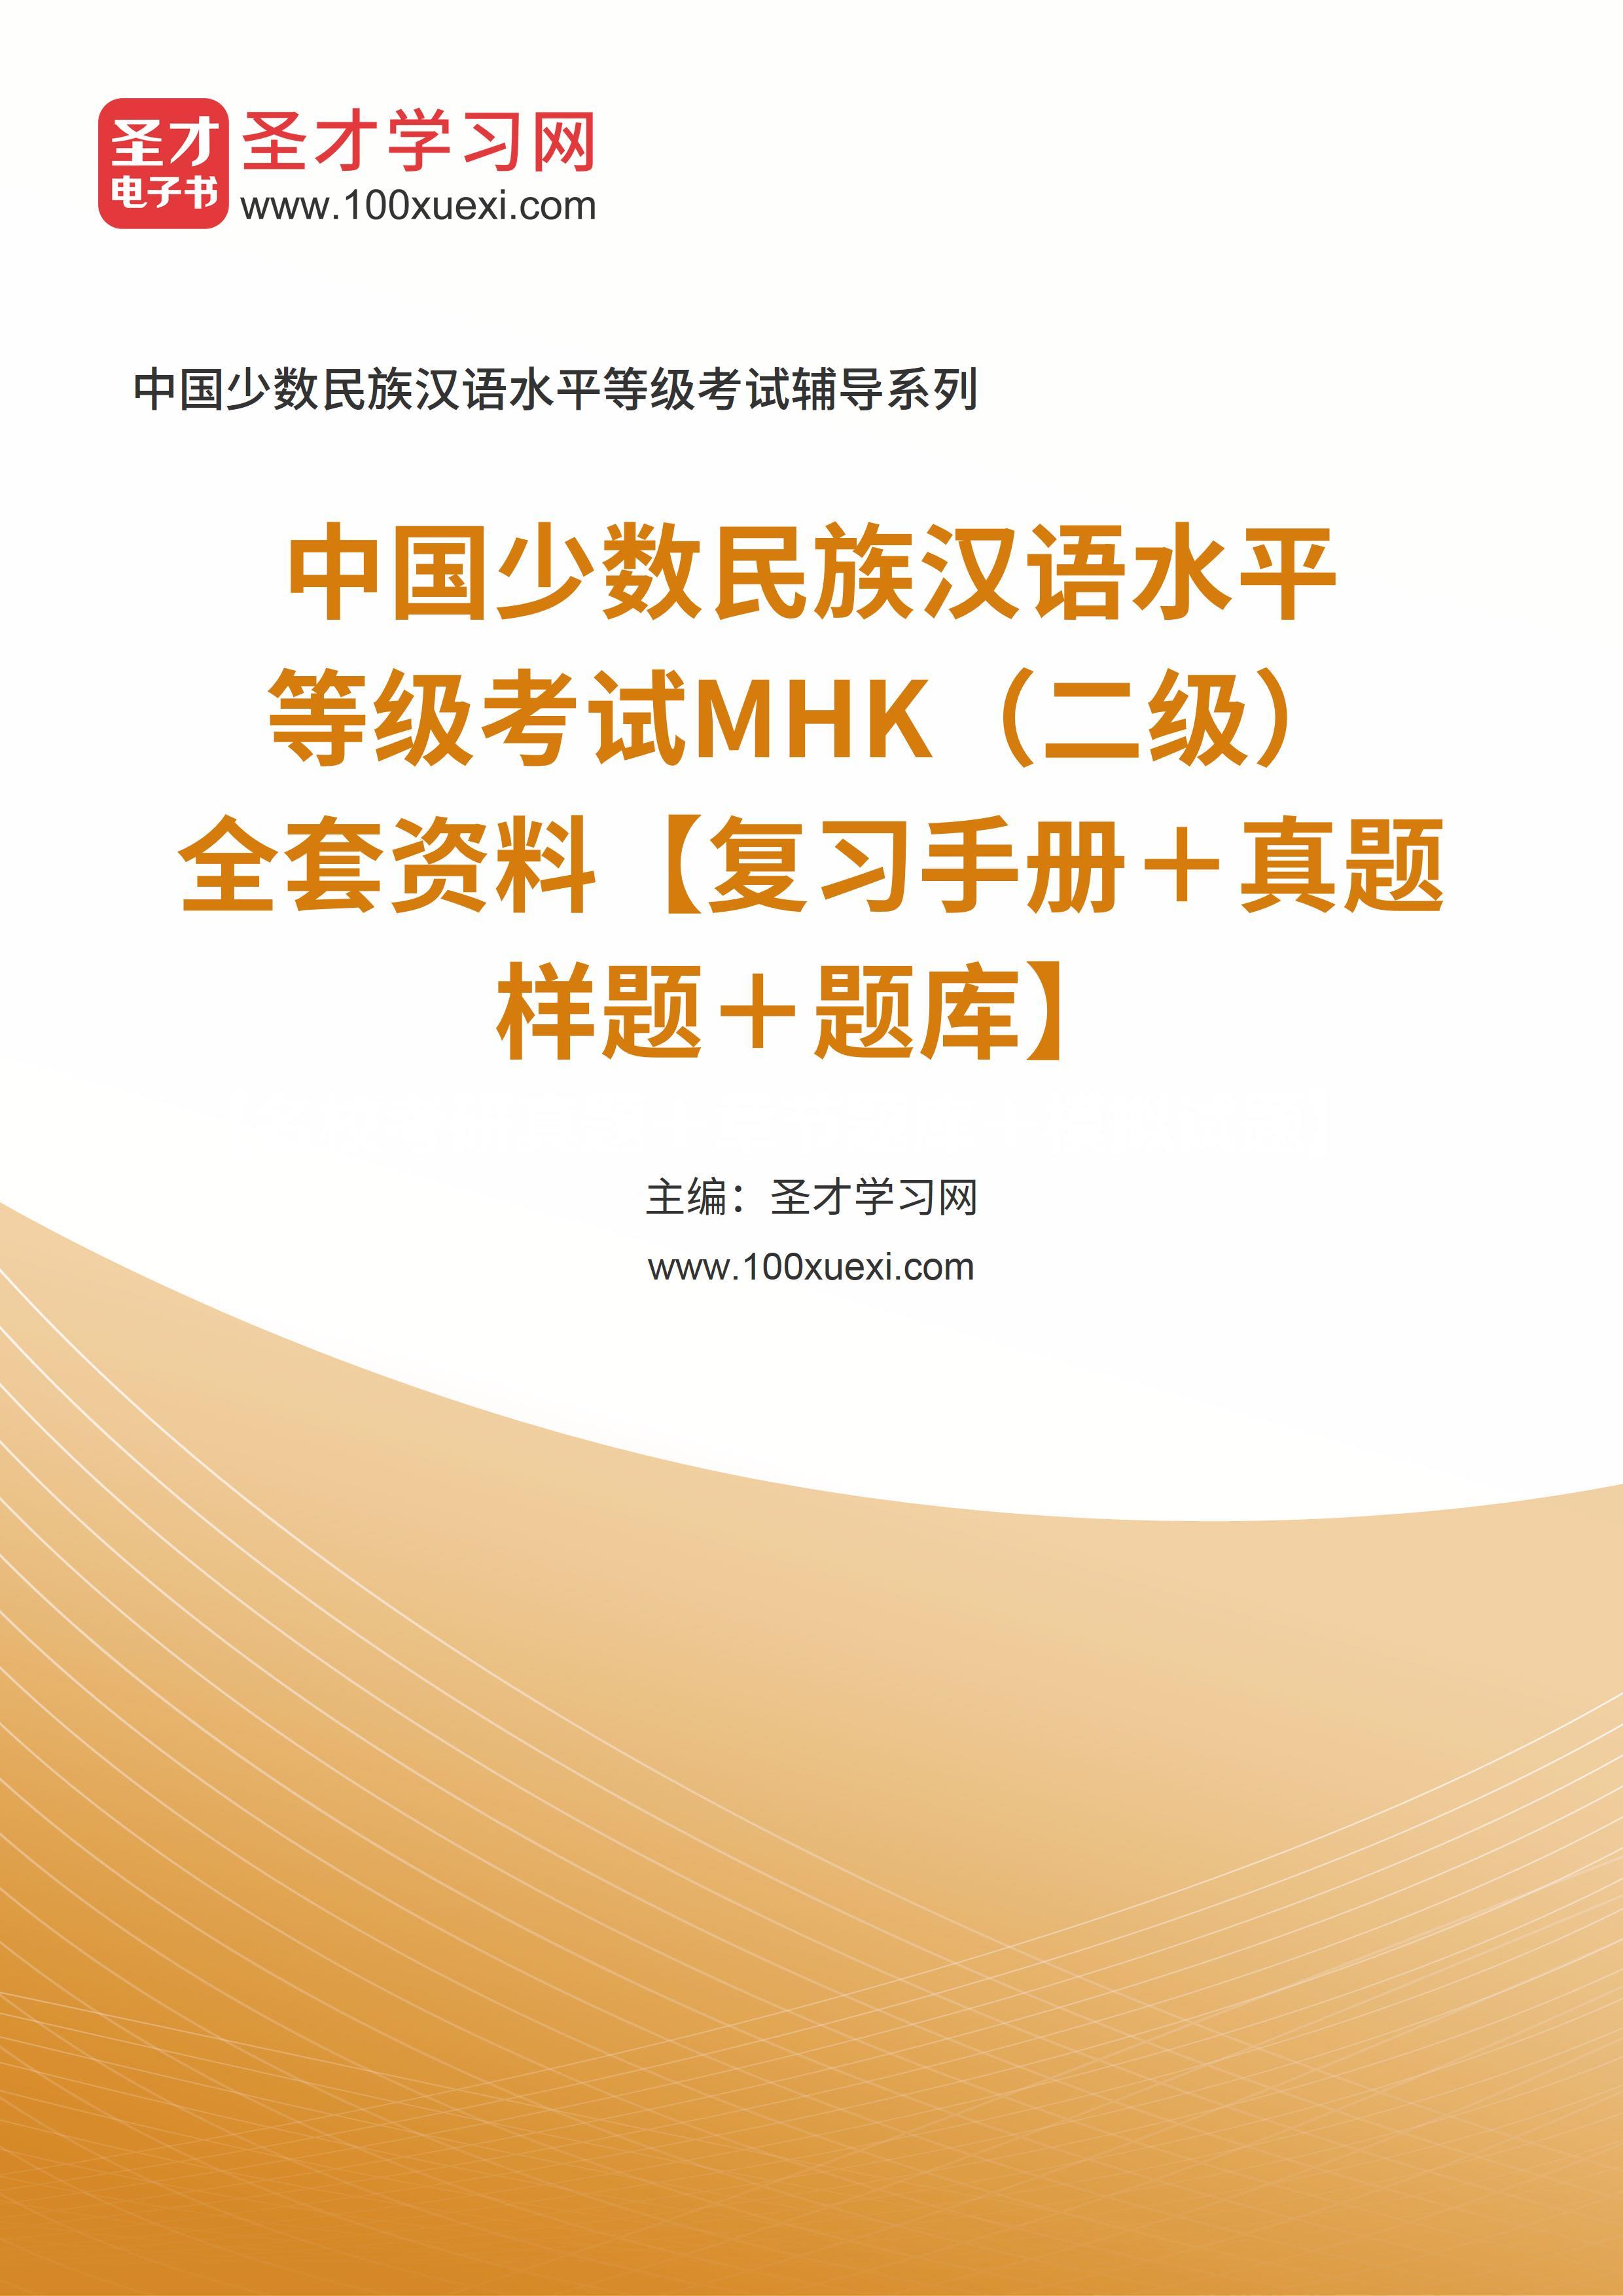 2021年中国少数民族汉语水平等级考试MHK(二级)全套资料【复习手册+真题样题+题库】